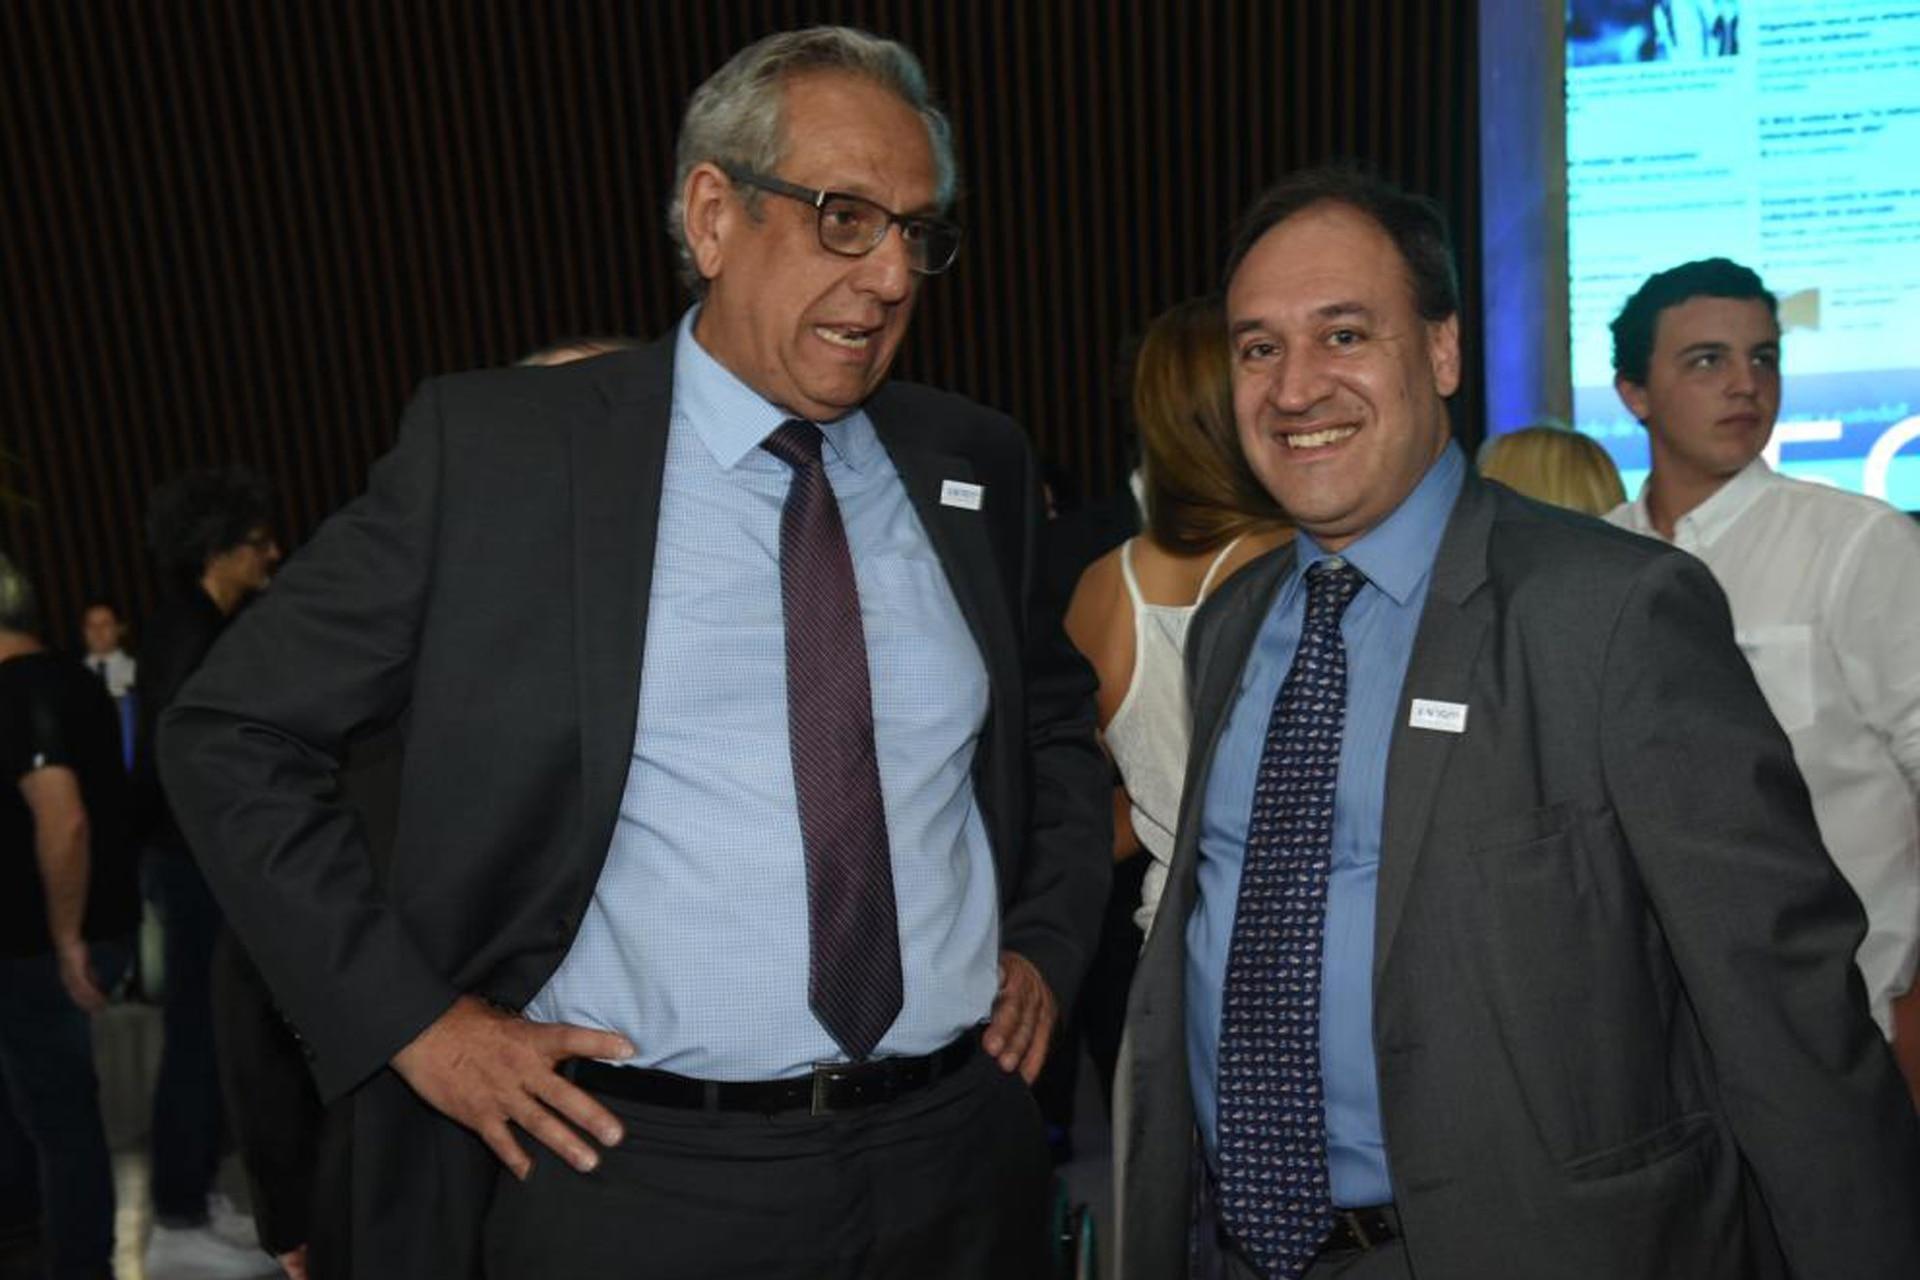 El periodista Fernando Laborda (derecha) y Facundo Suárez Lastra